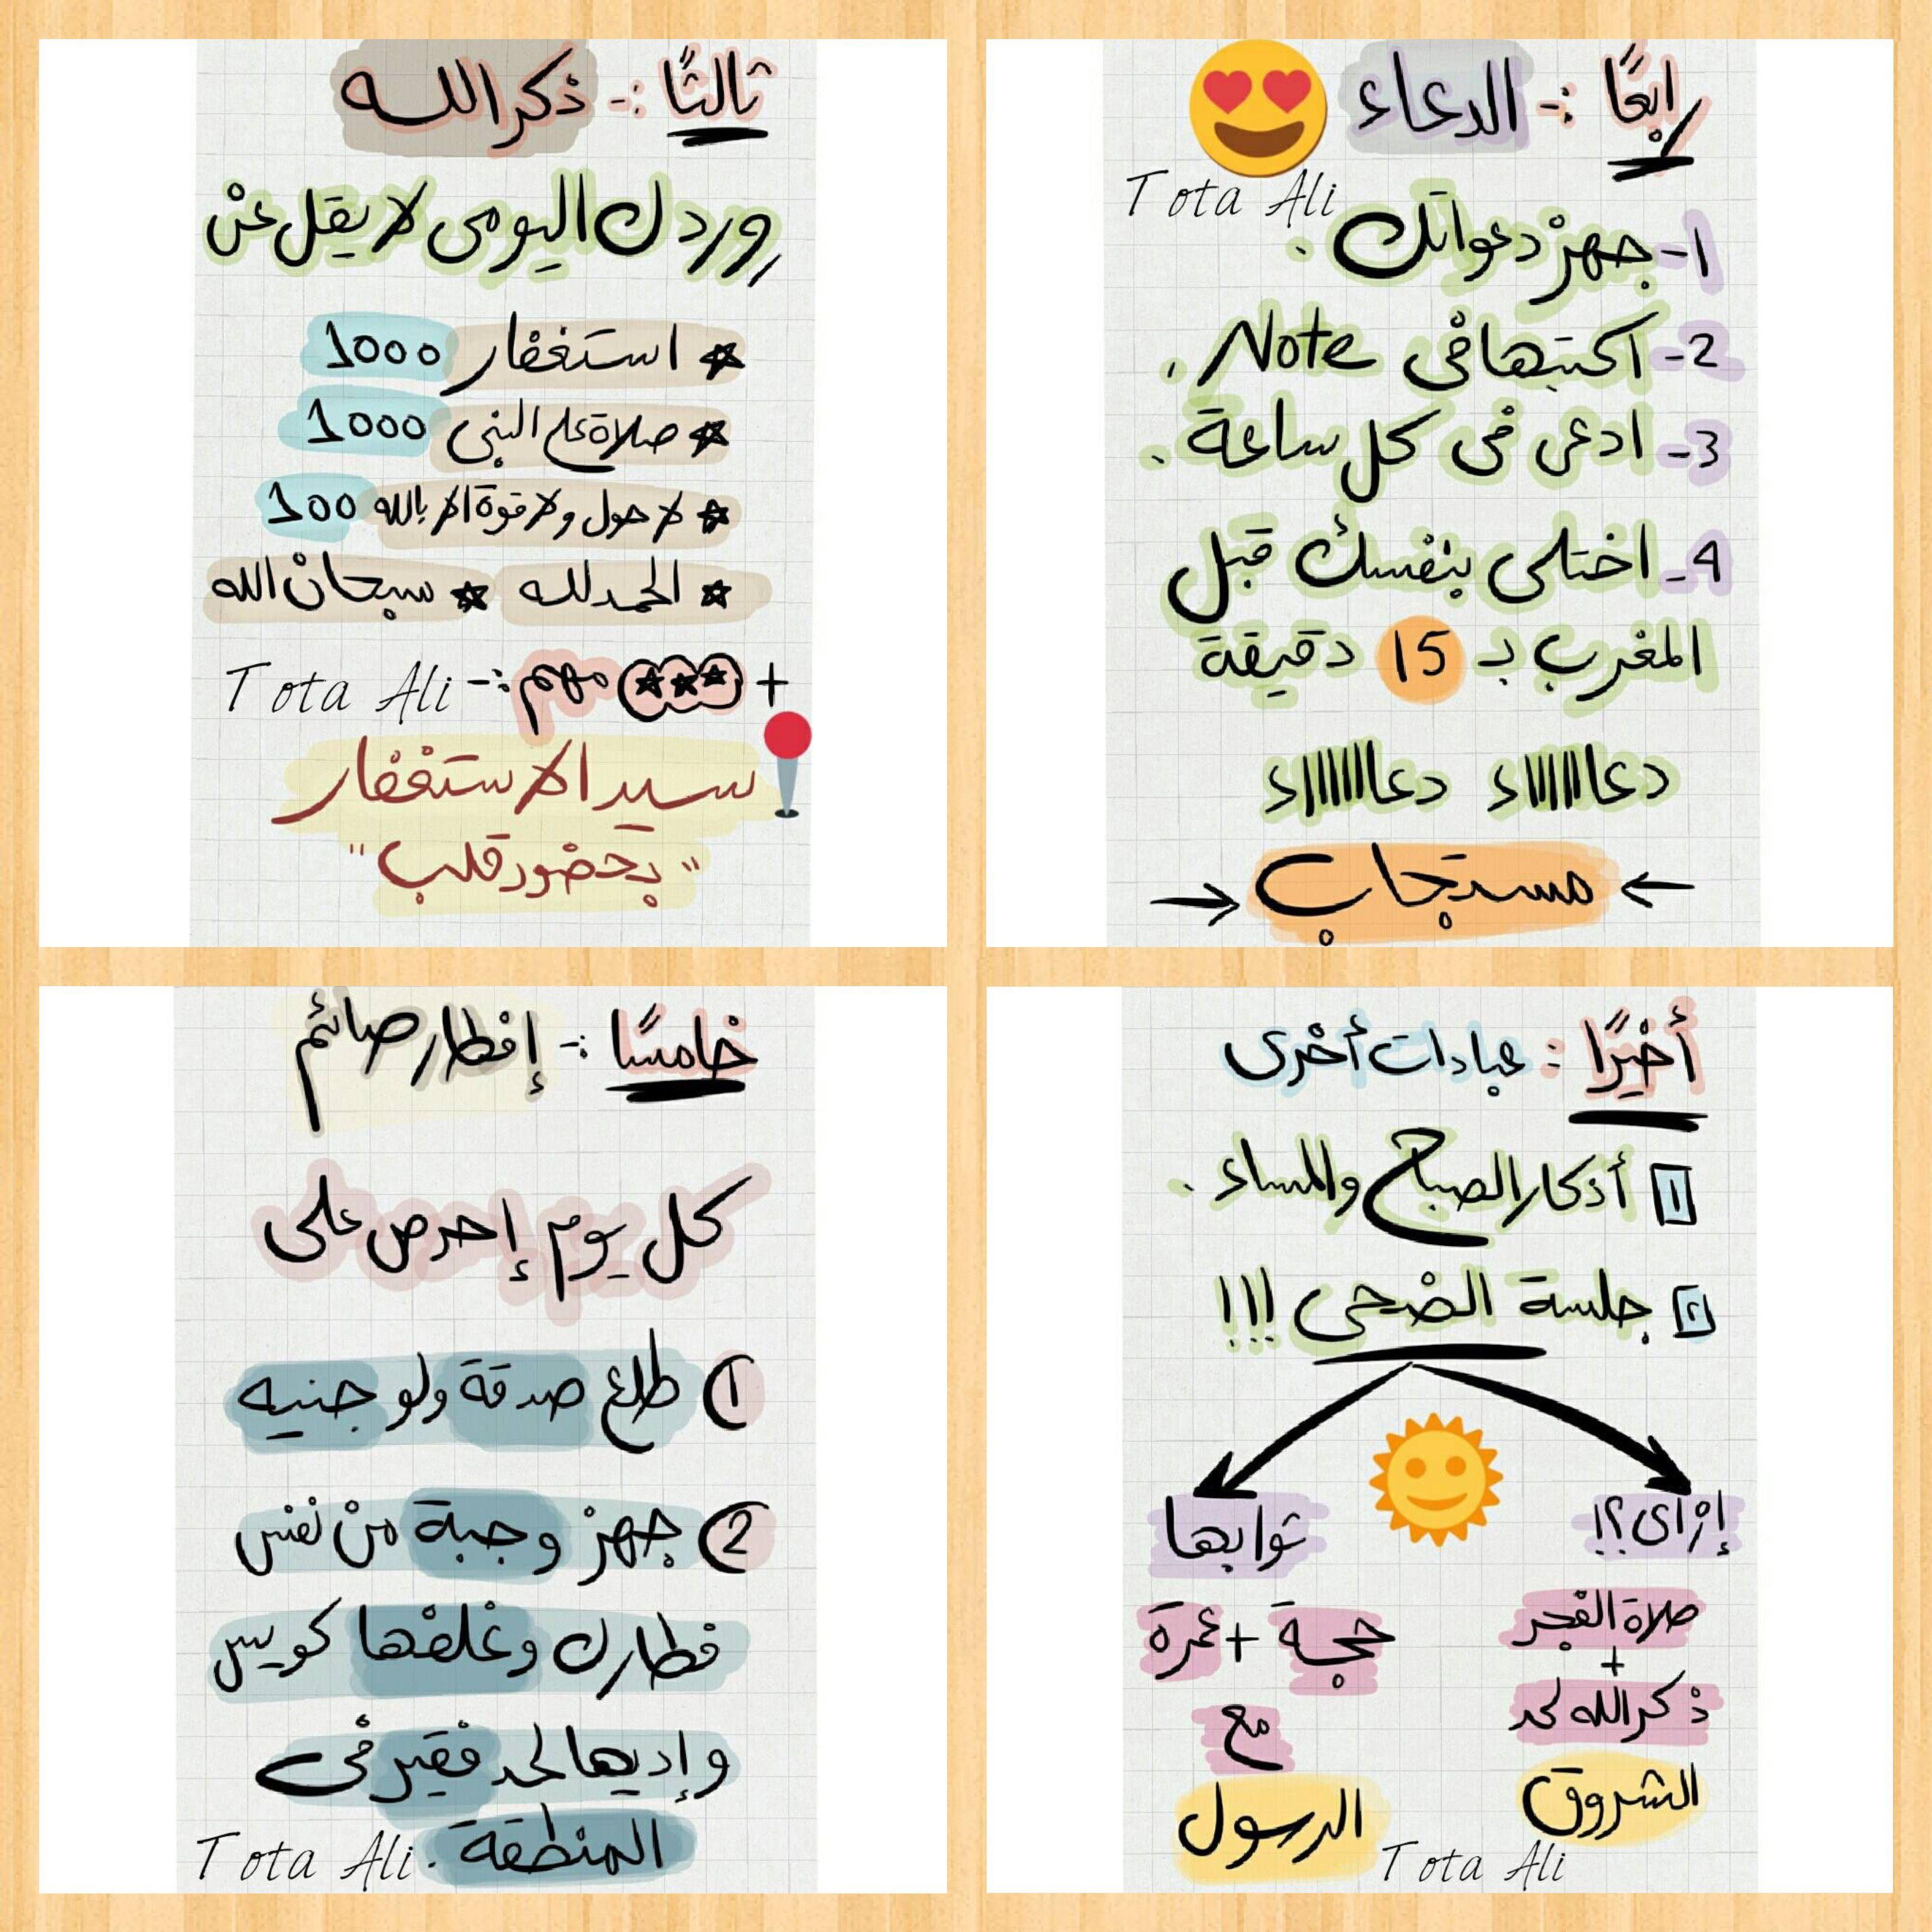 Pin By O O Uo Uo On بطاقات Ramadan Islam Beliefs Islamic Quotes